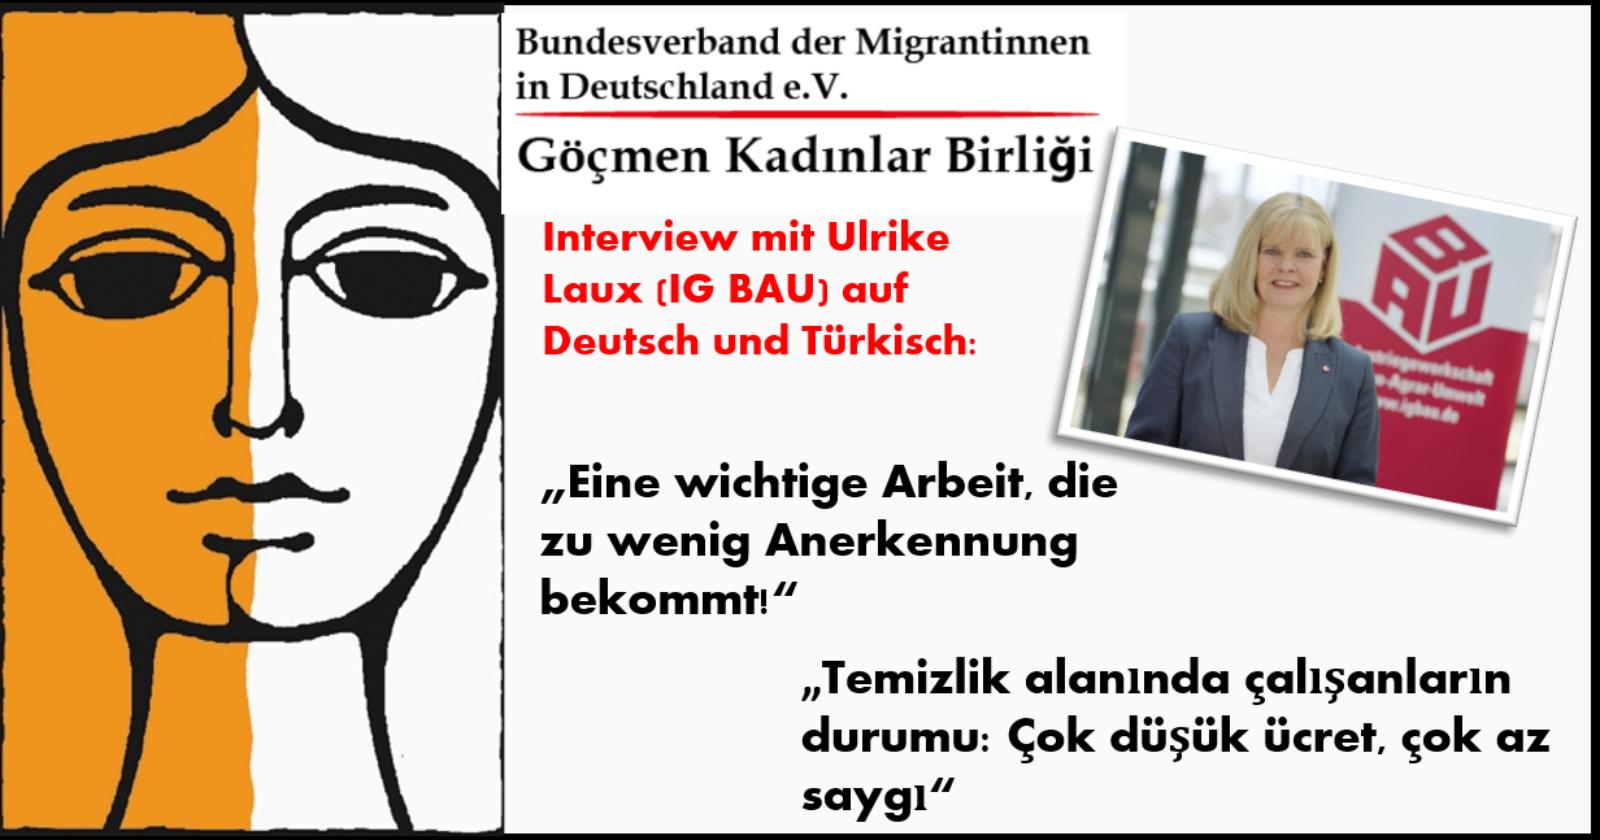 Interview mit Ulrike Laux auf migrantinnen.net: Eine wichtige Arbeit, die zu wenig Anerkennung bekommt!